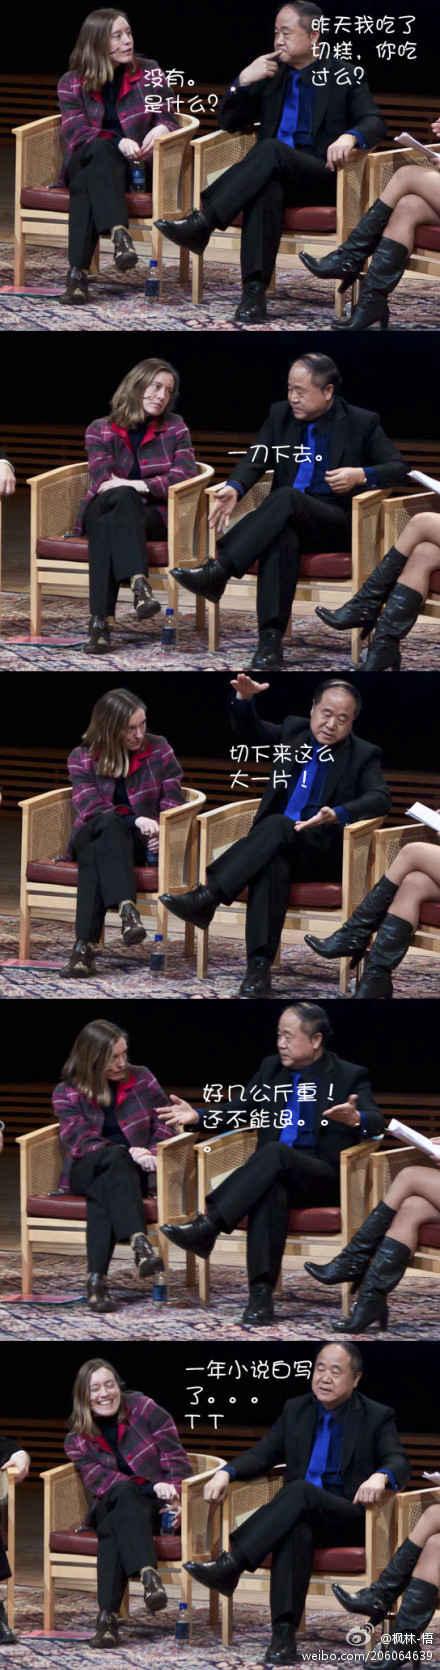 莫言获奖后,在参加的访谈节目中说出了:也是迄今最为惊人一段话~~!!